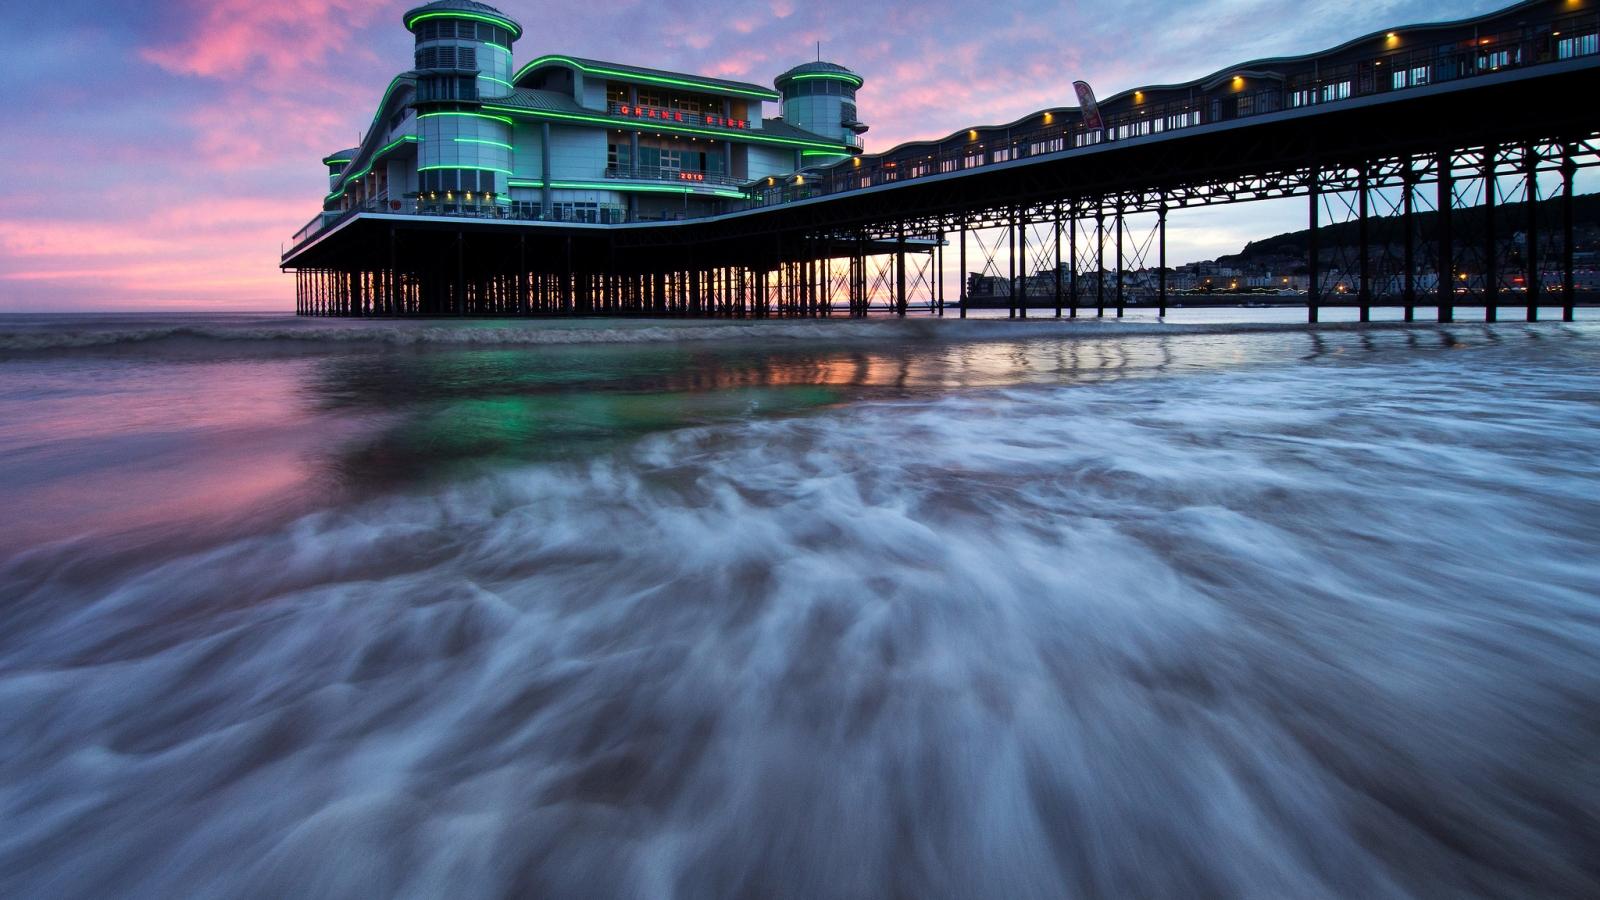 La casa Grand Pier - 1600x900